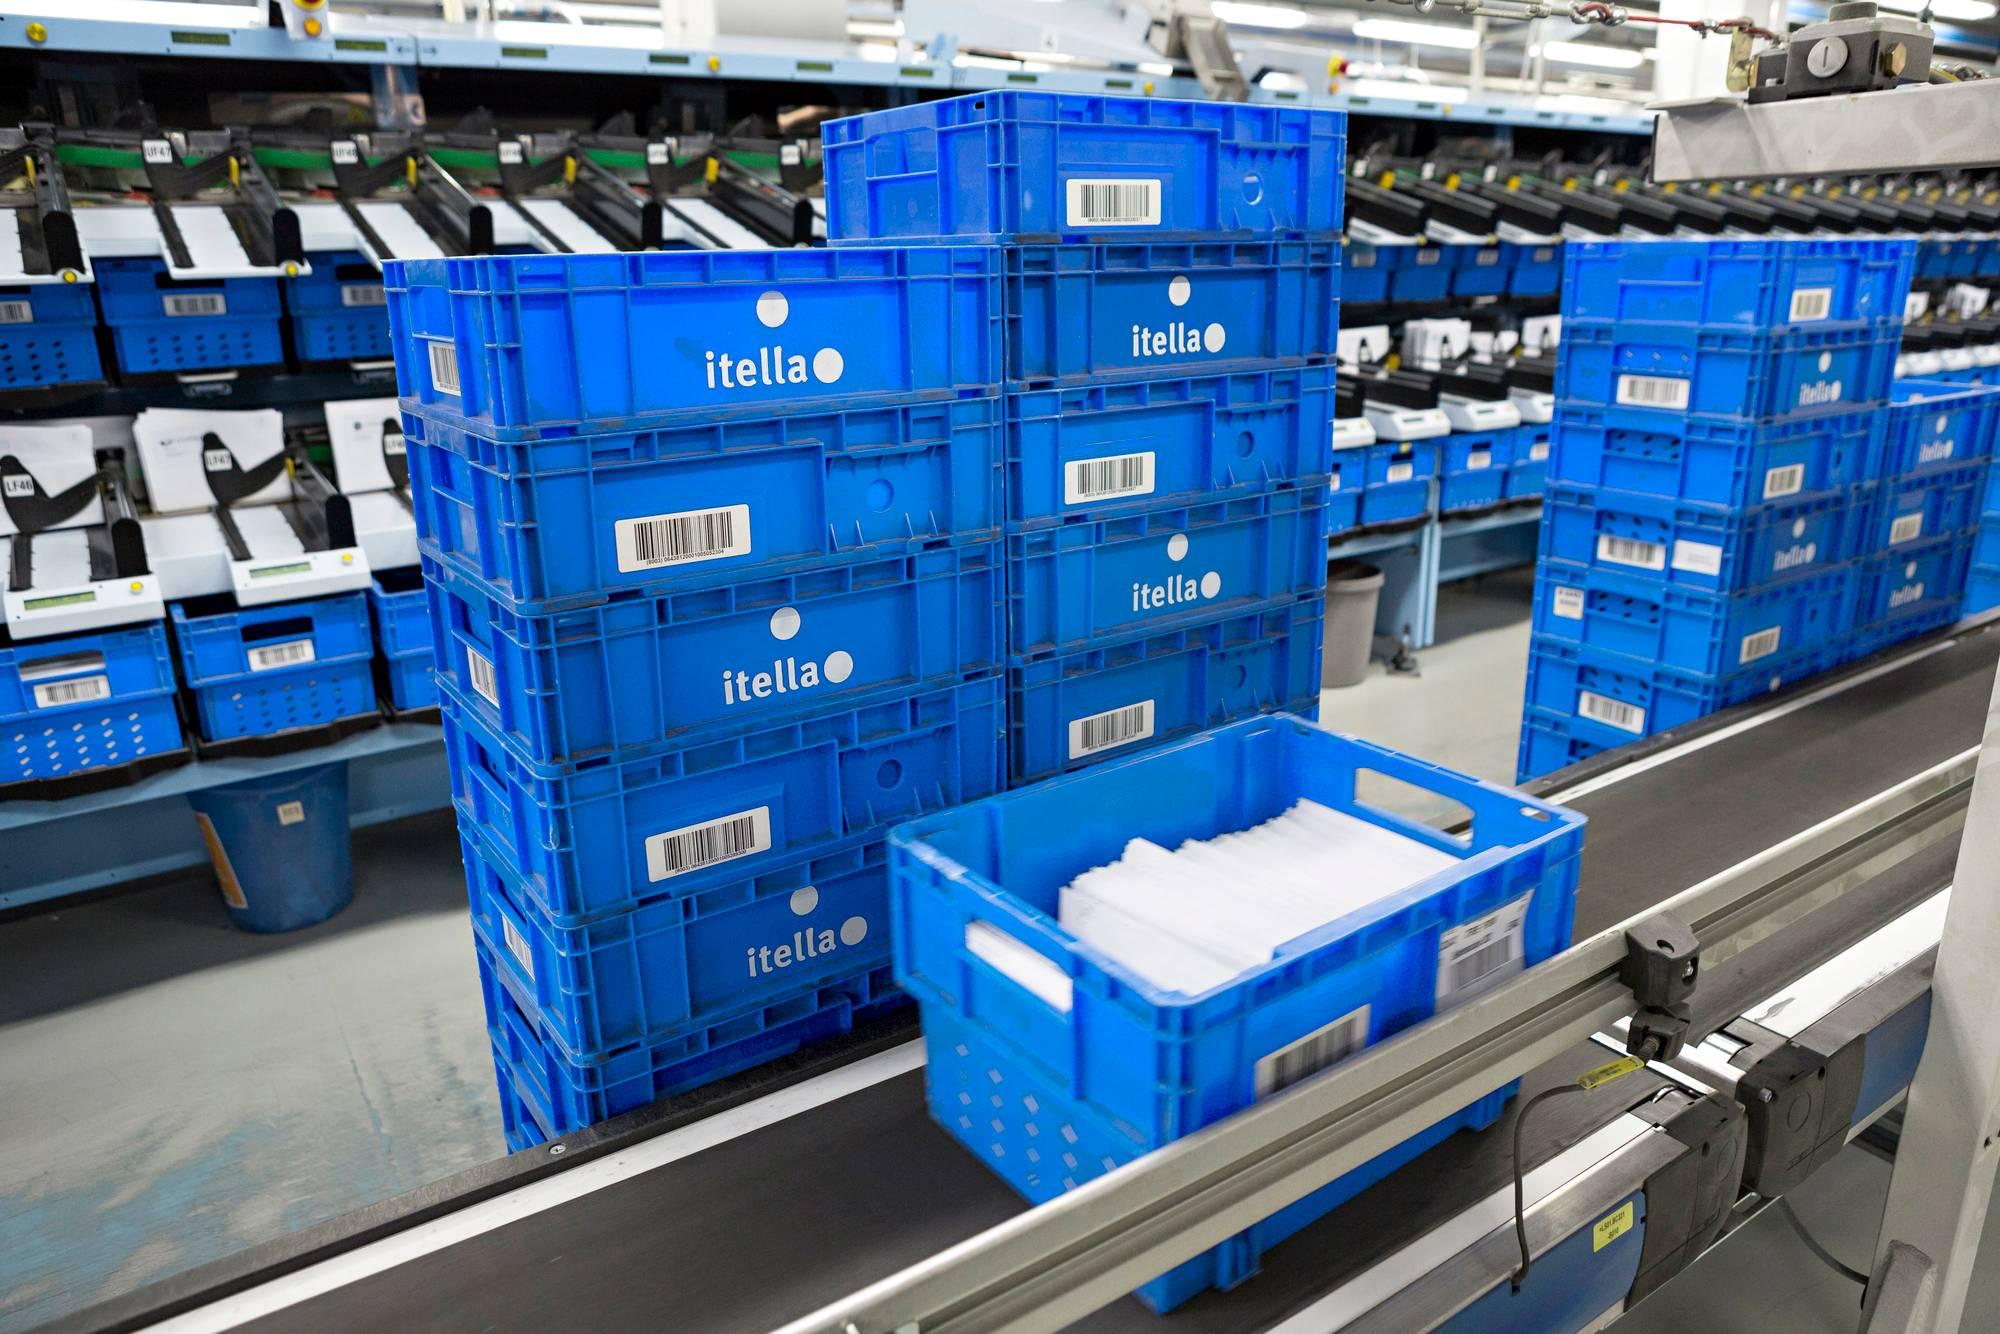 Helsingin Postikeskuksen kautta kulkee noin 3 miljoonaa kirjettä päivittäin.